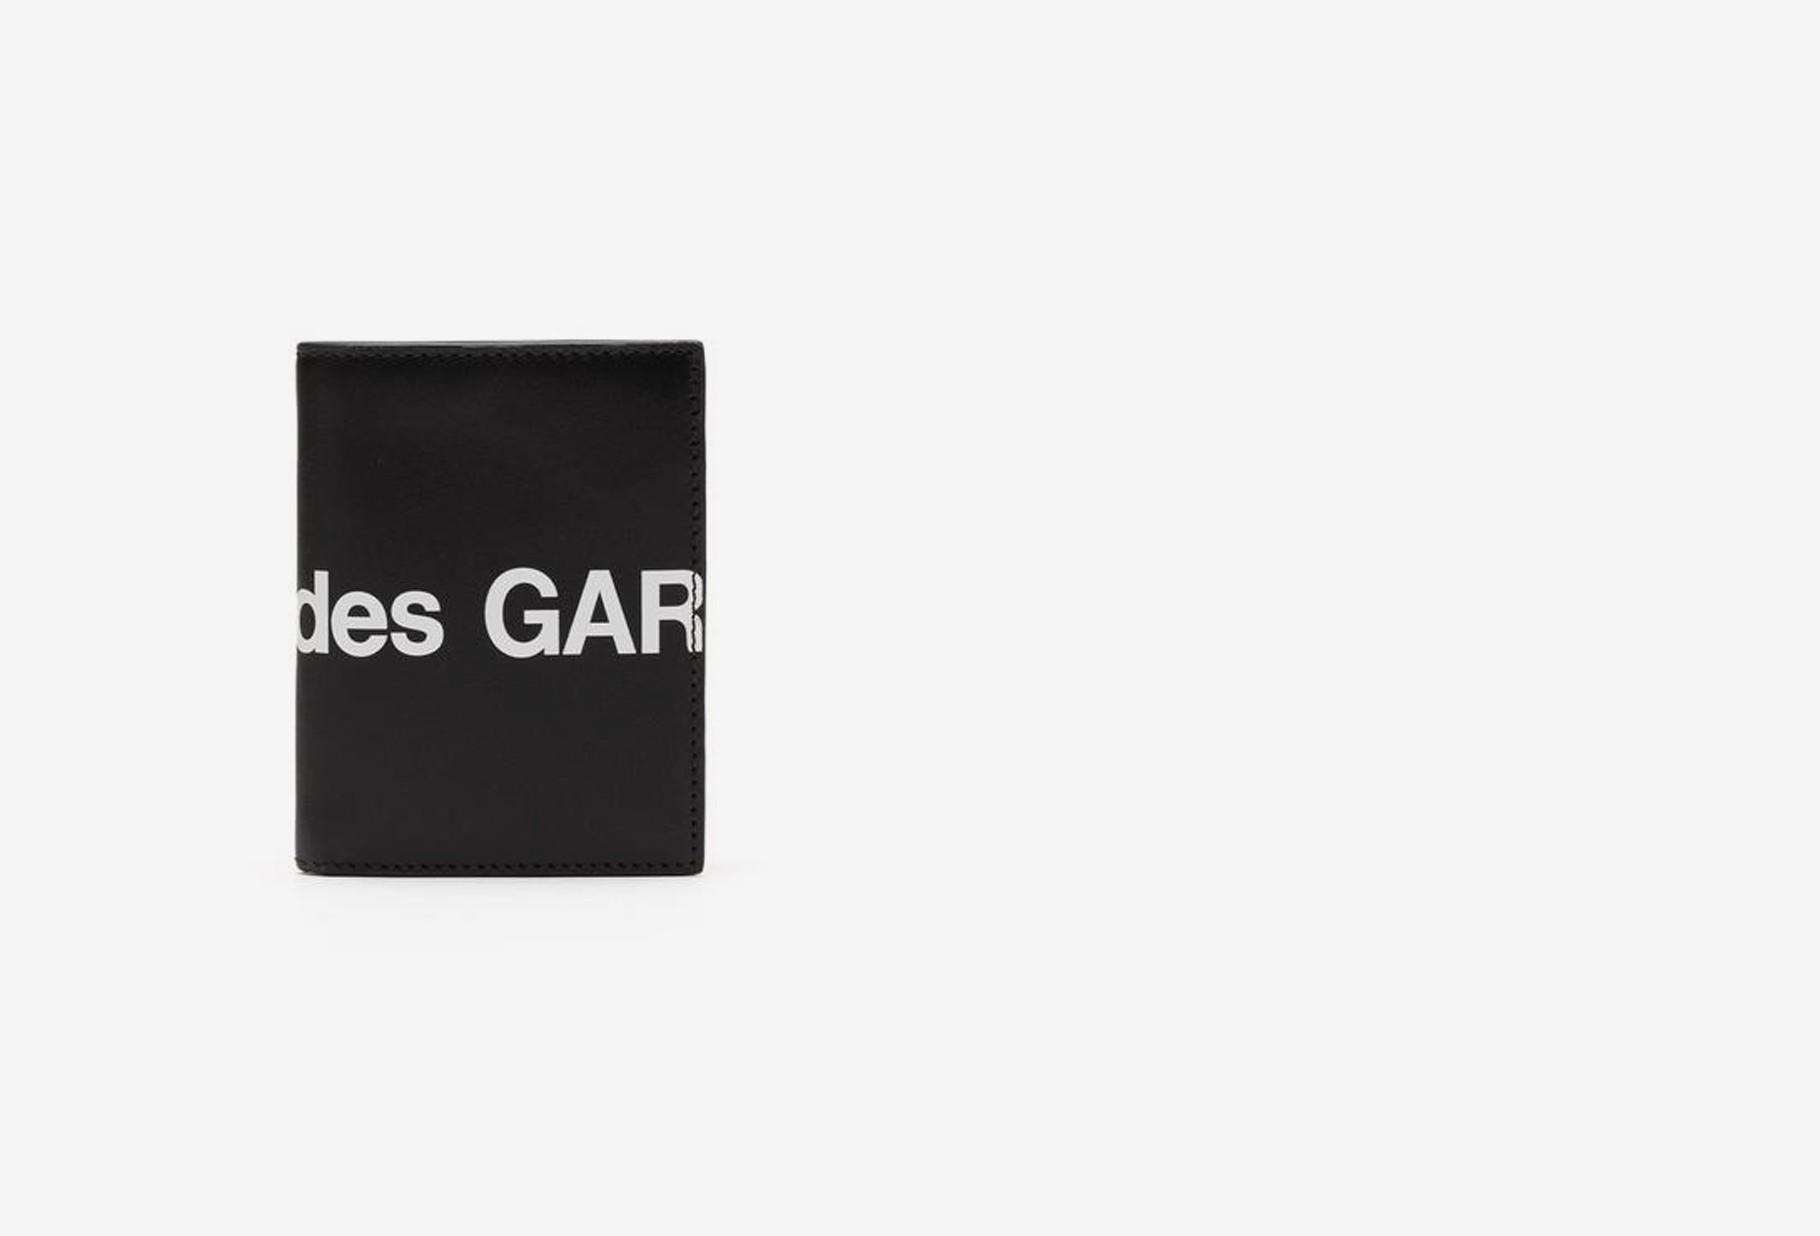 COMME DES GARÇONS WALLETS / Cdg huge logo wallet sa0641hl Black